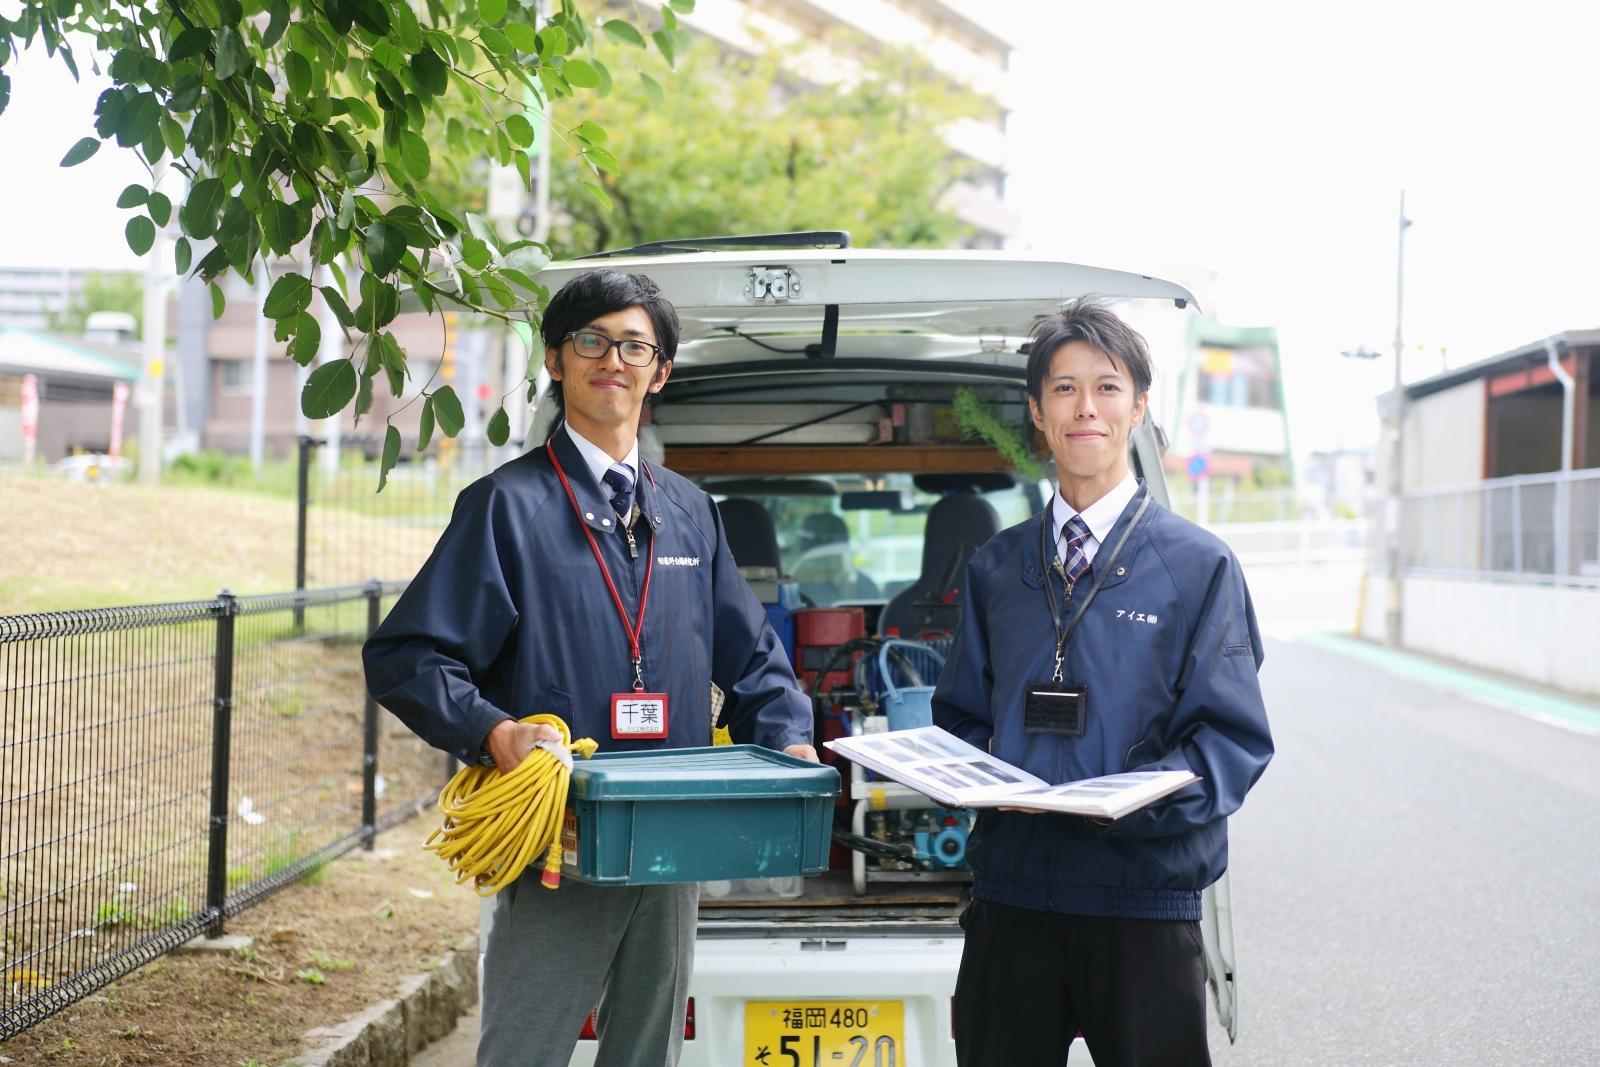 シロアリ防除工事と定期点検を担当する二人のスタッフ